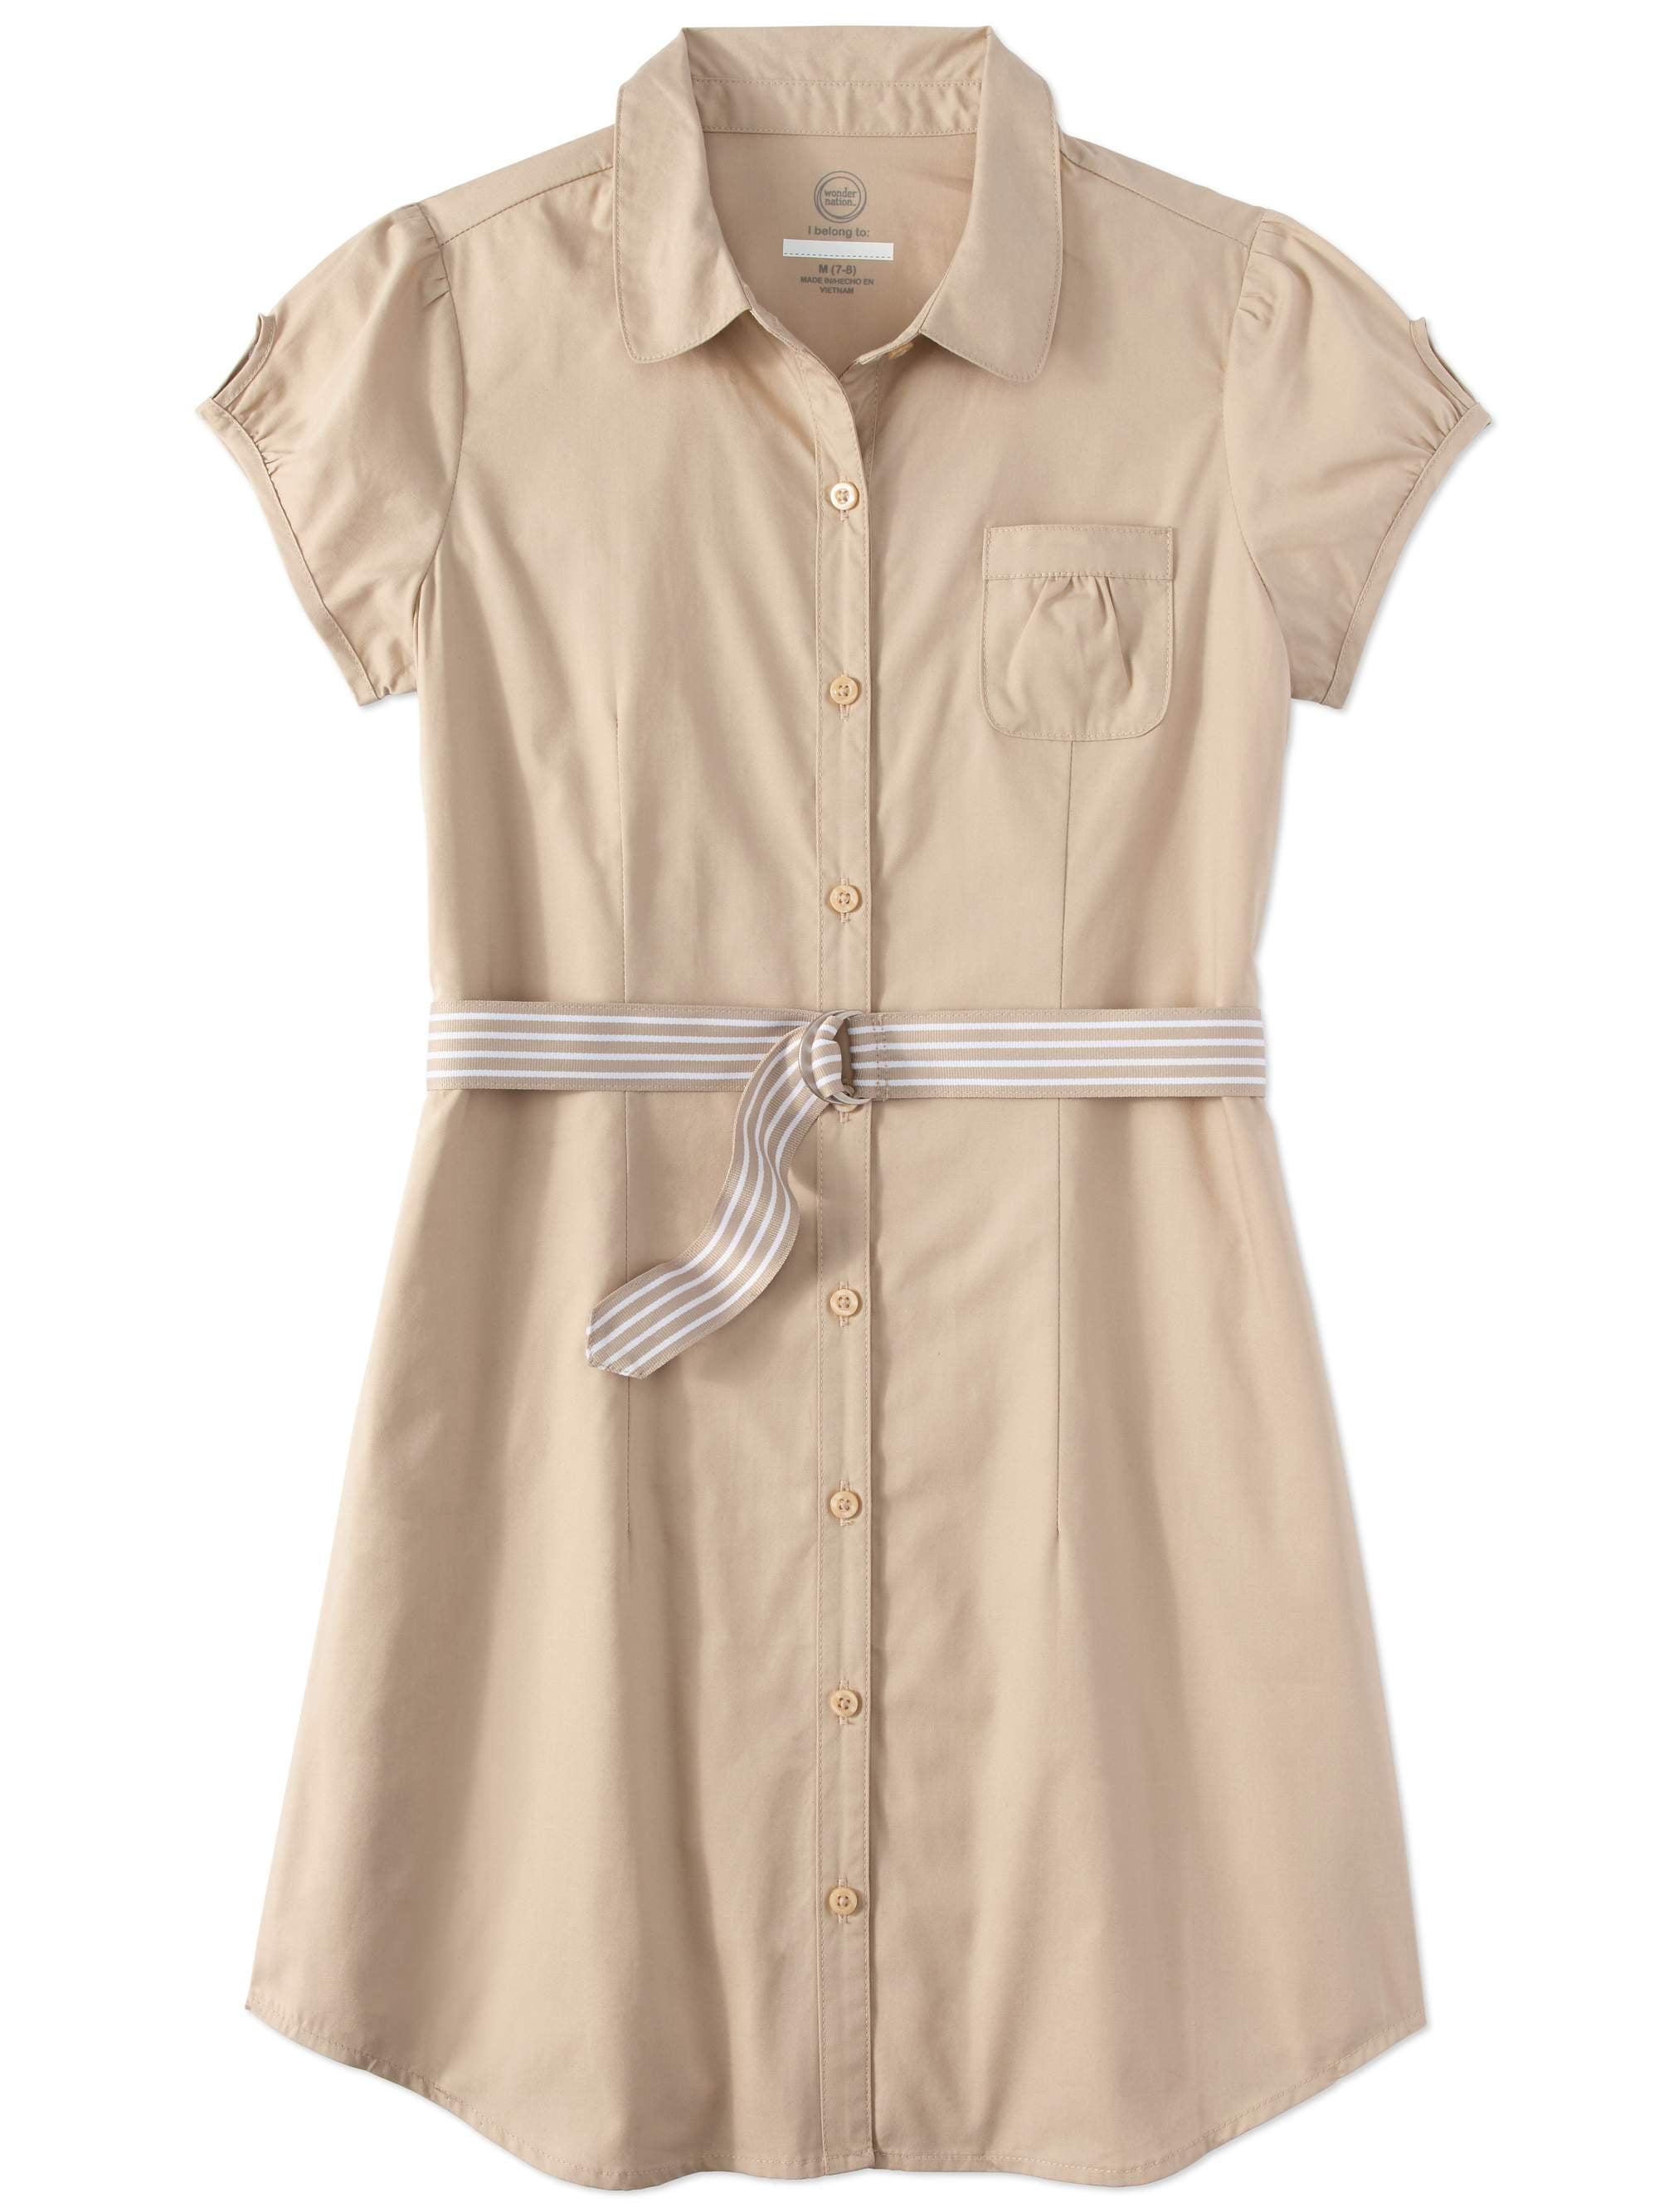 Girls School Uniform Shirt Dress